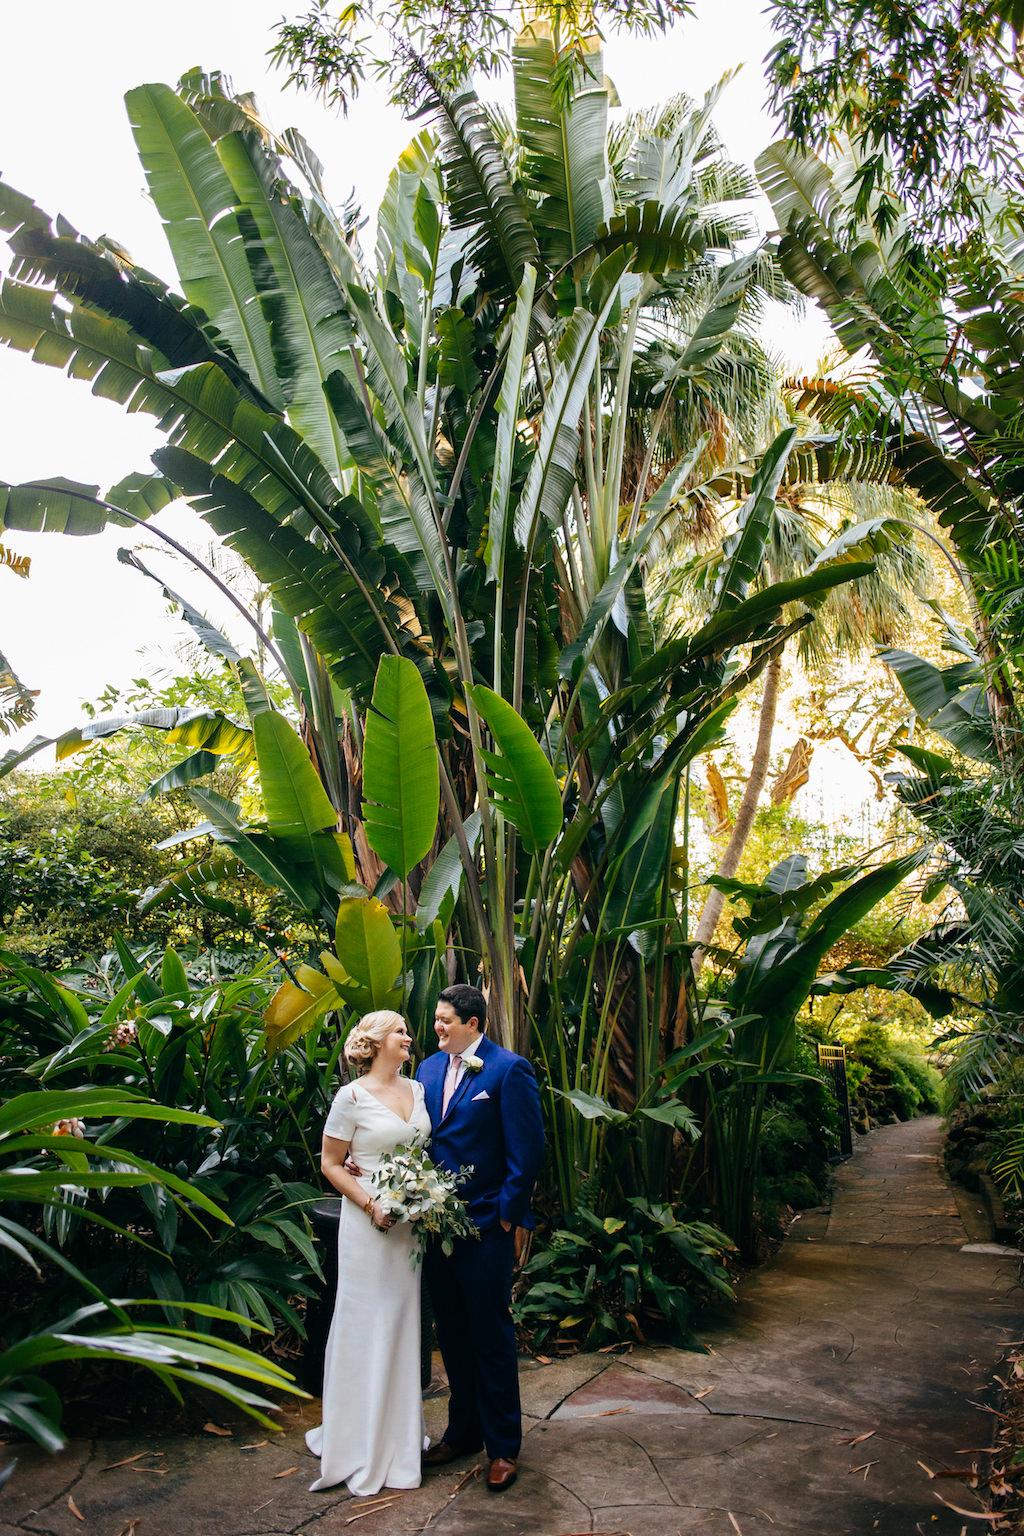 Florida Bride and Groom Garden Wedding Portrait | Outdoor Tropical Inspired St. Pete Wedding Venue | Sunken Gardens